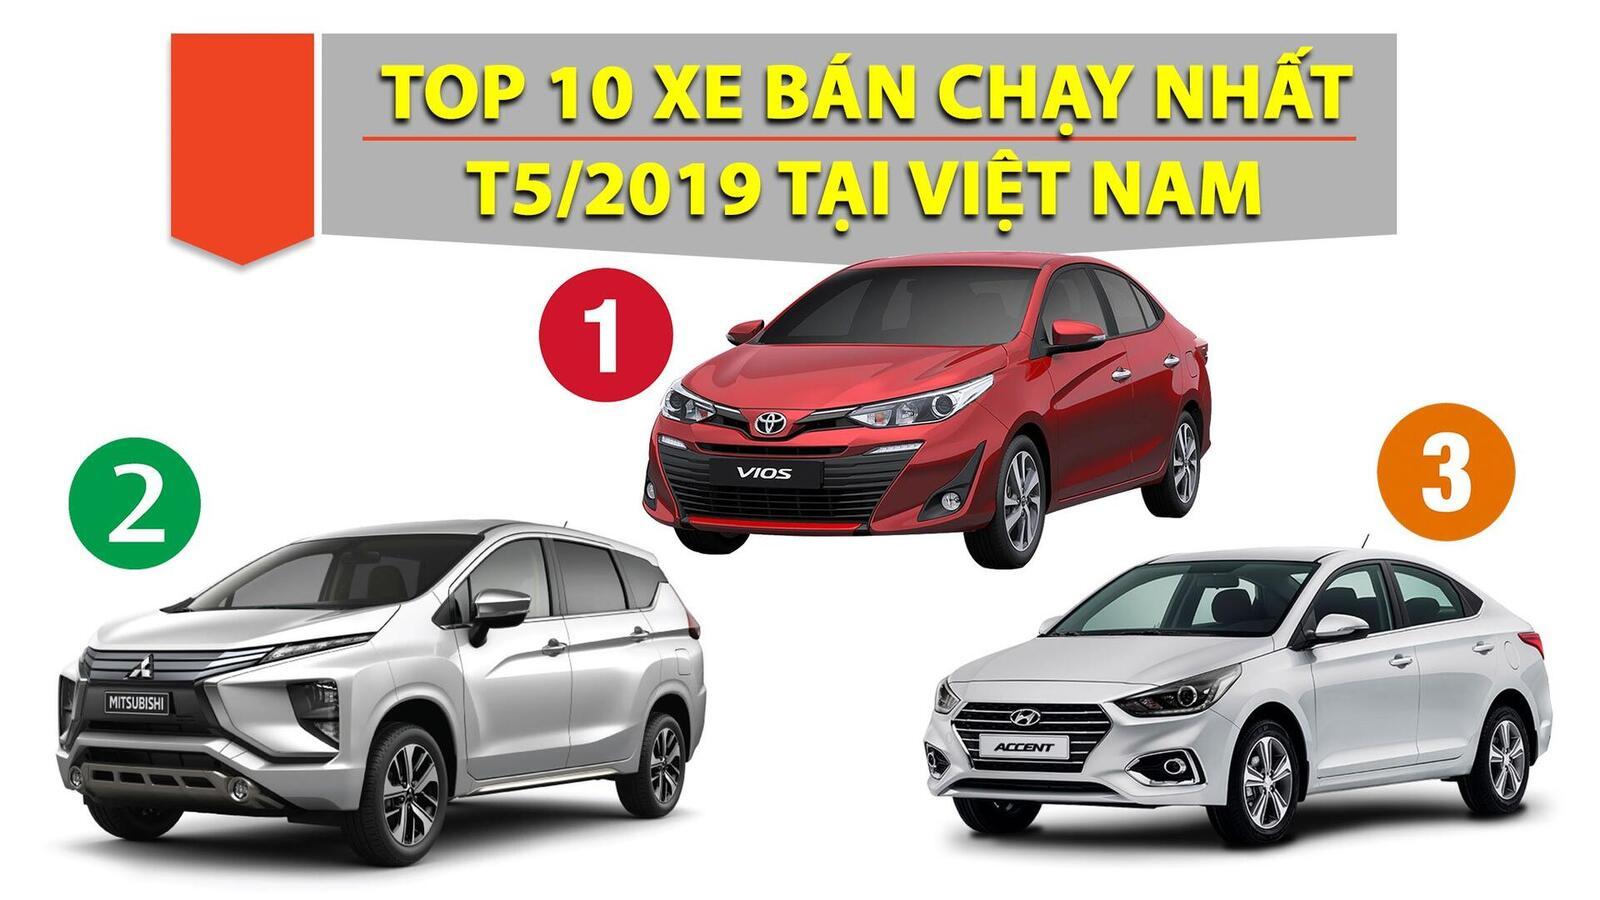 TOP 10 xe bán chạy nhất Việt Nam T5/2019: Vios quay lại dẫn đầu; Xpander đứng vị trí thứ 2 - Hình 1